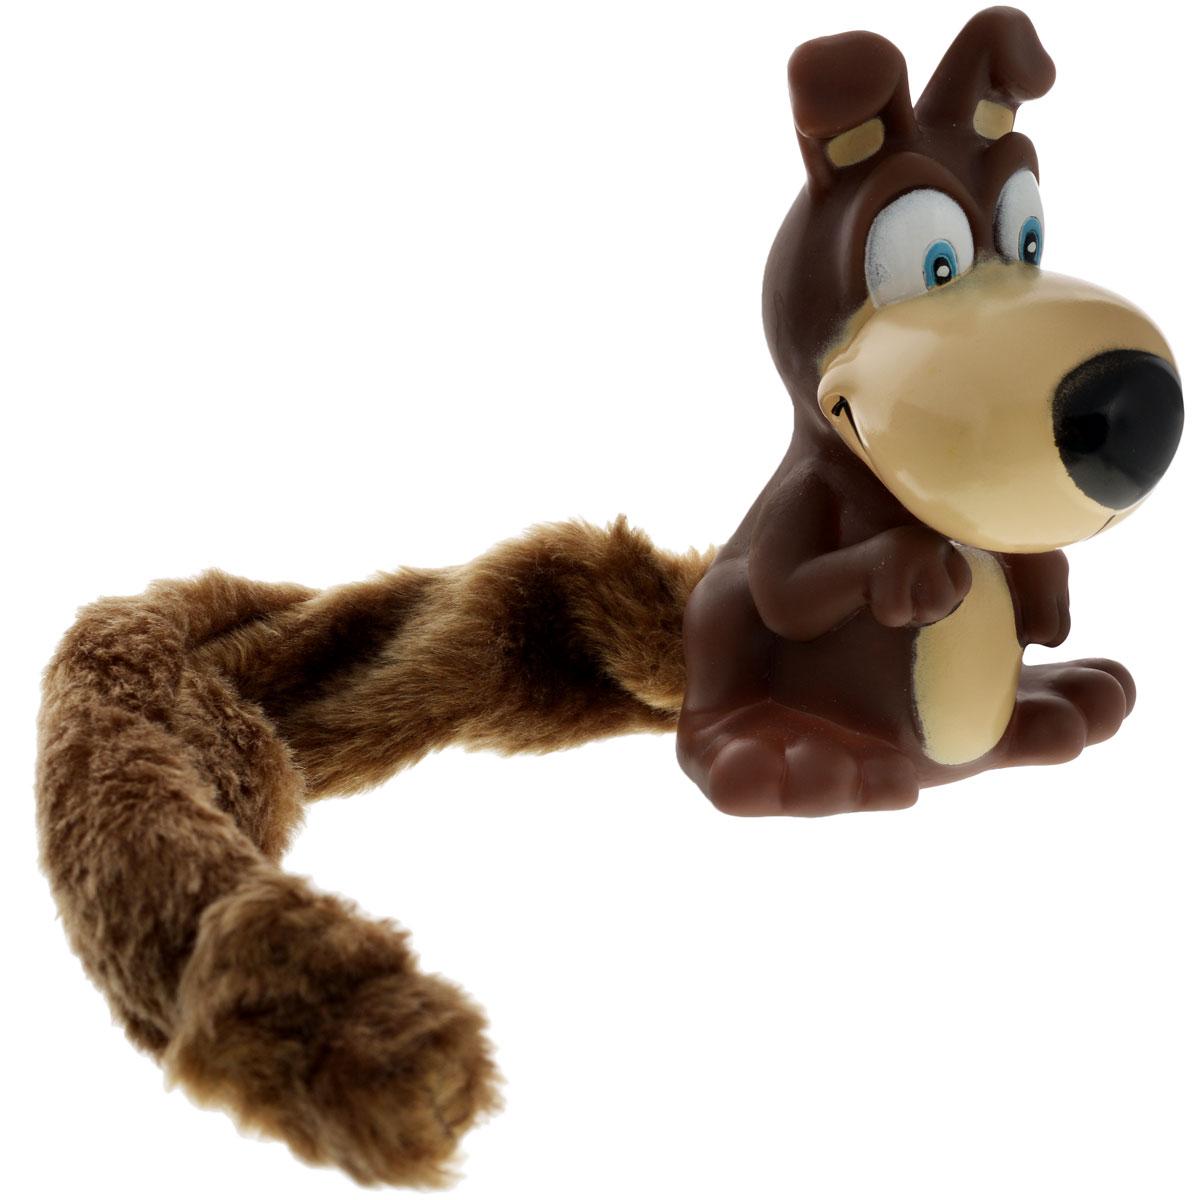 Игрушка для собак Aveva Собака13301Игрушка для собак Aveva Собака, выполненная в виде забавной собачки с плюшевым хвостом, изготовлена из резины. Такая игрушка позволит весело провести время вашему питомцу, а также поможет вам сохранить в целости личные вещи и предметы интерьера. Яркая игрушка привлечет внимание вашего любимца, не навредит здоровью и займет его на долгое время. Длина хвоста игрушки: 20 см.